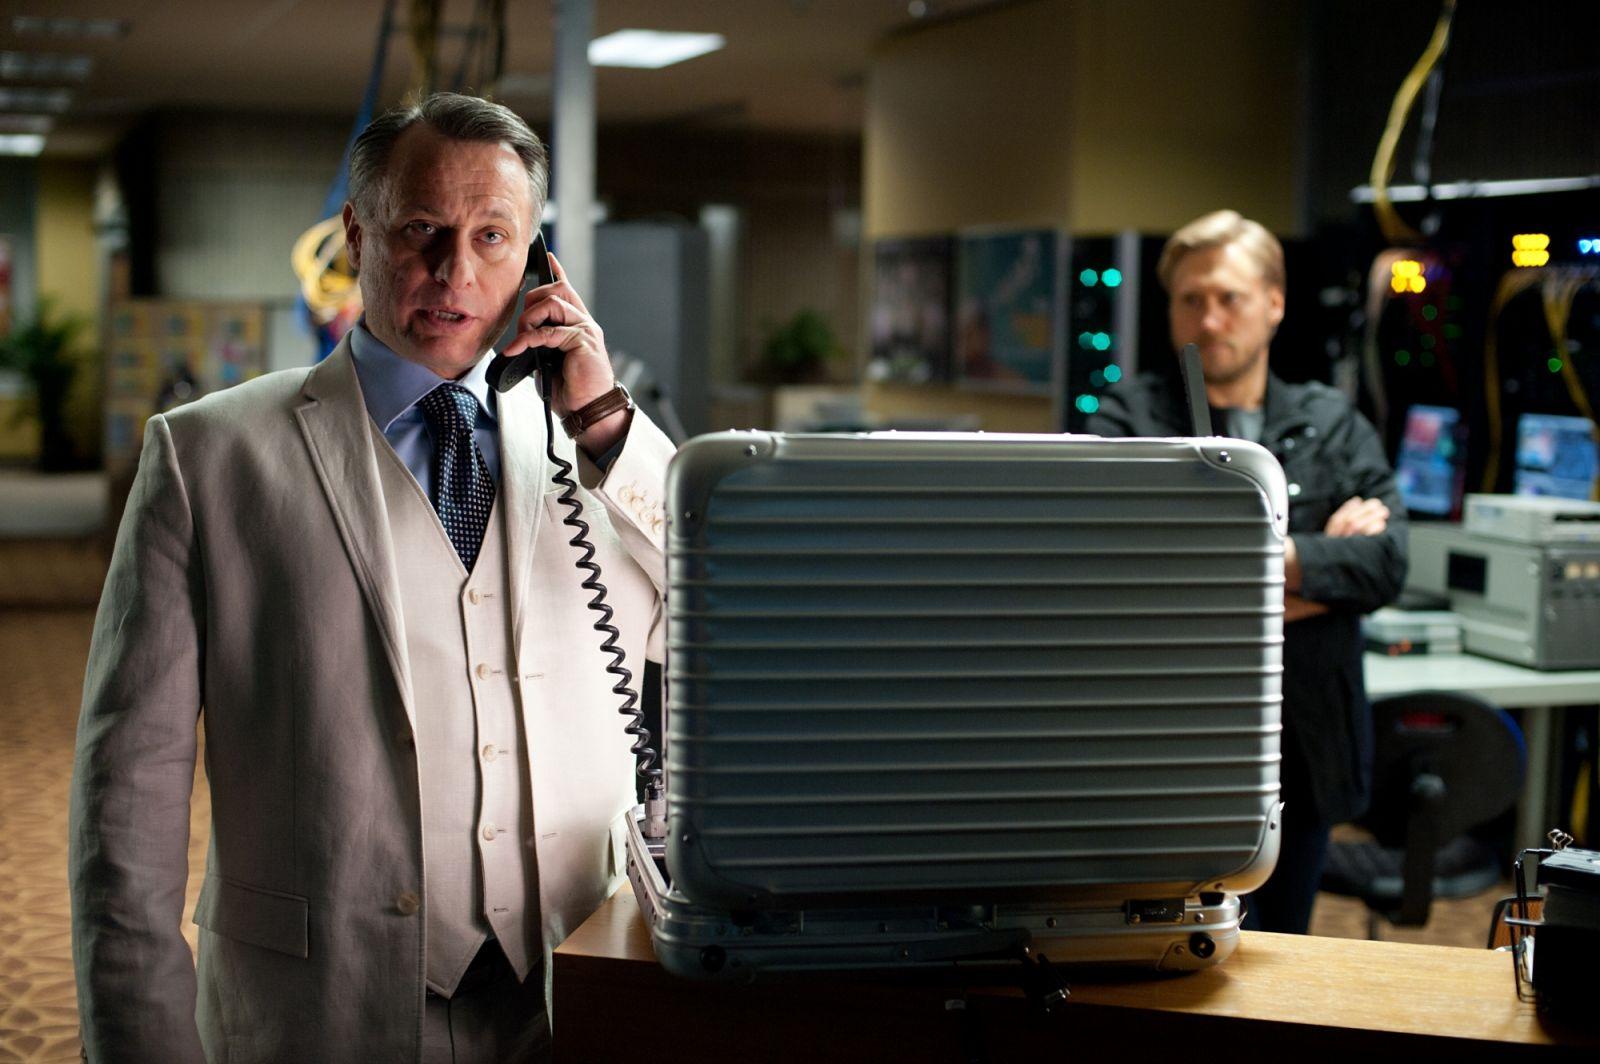 Michael Nyqvist i Mission: Impossible - Ghost Protocol. Han talar i telefon med en öppen portfölj framför sig.